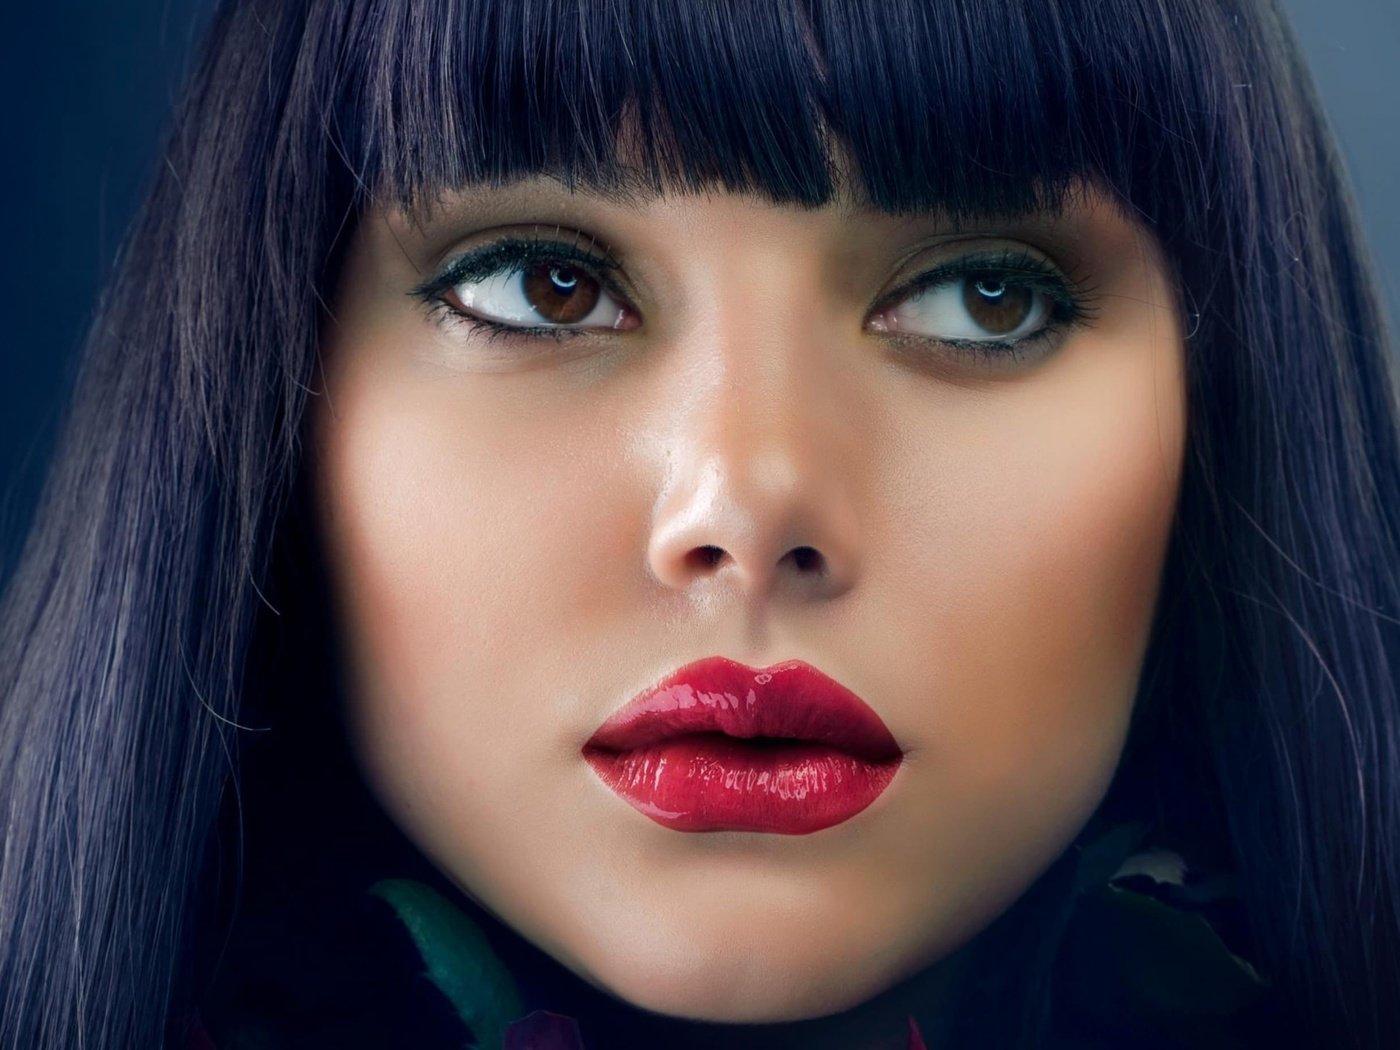 Губы фото девушек брюнеток